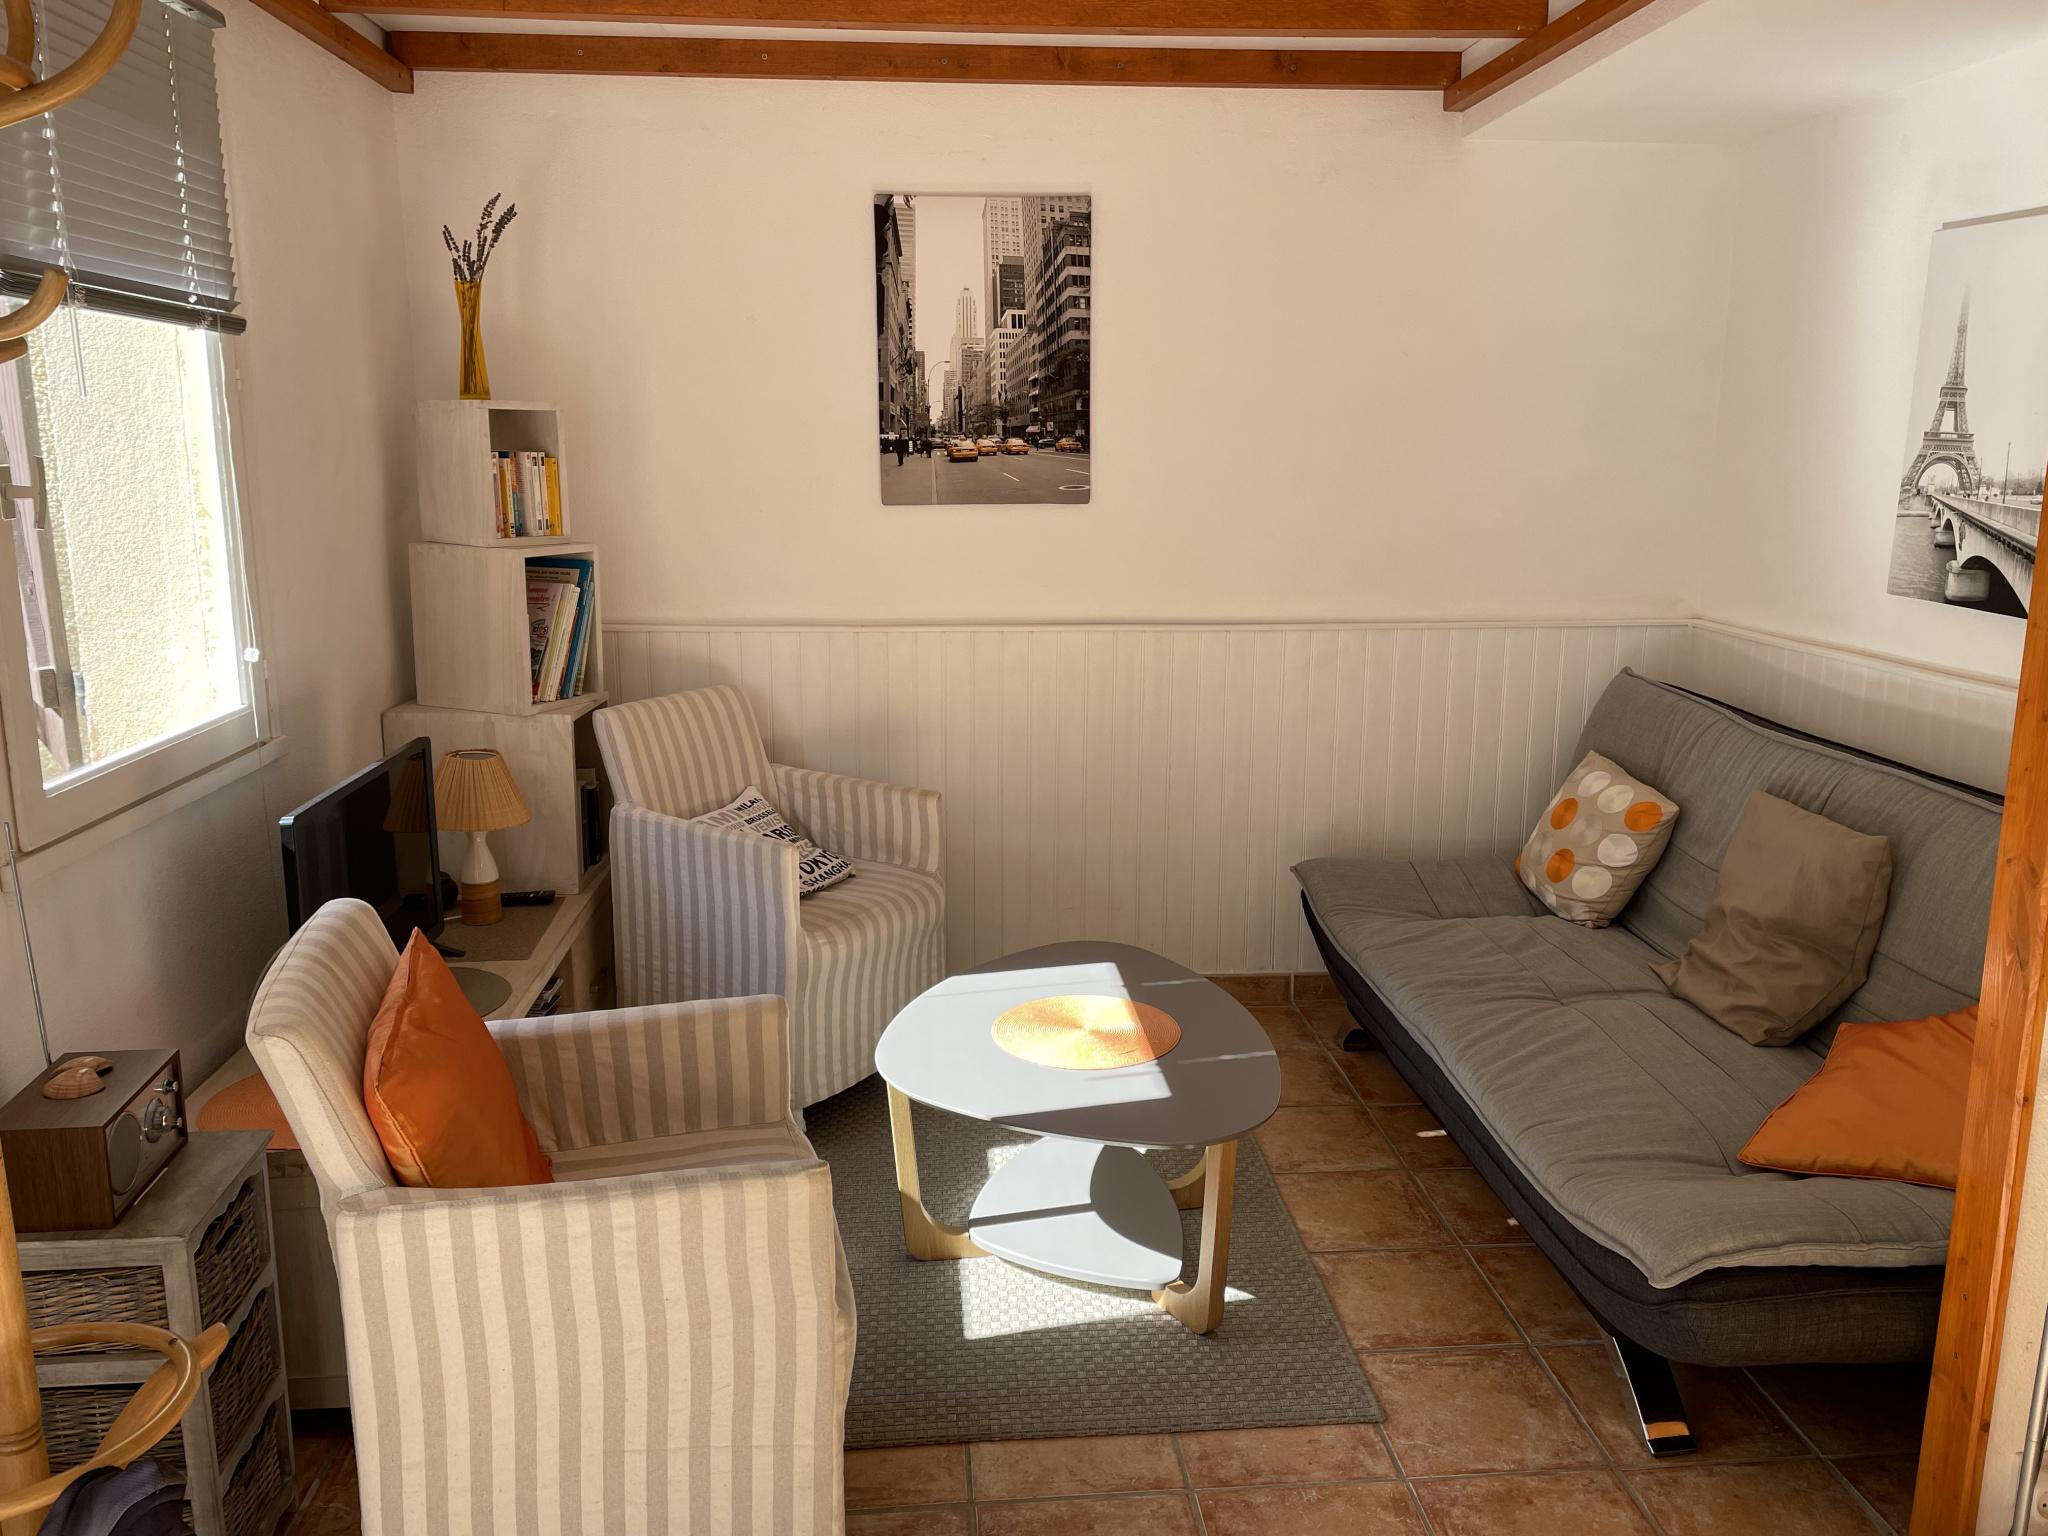 À vendre maison/villa de 44m2 à argeles plage (66700) - Photo 4'